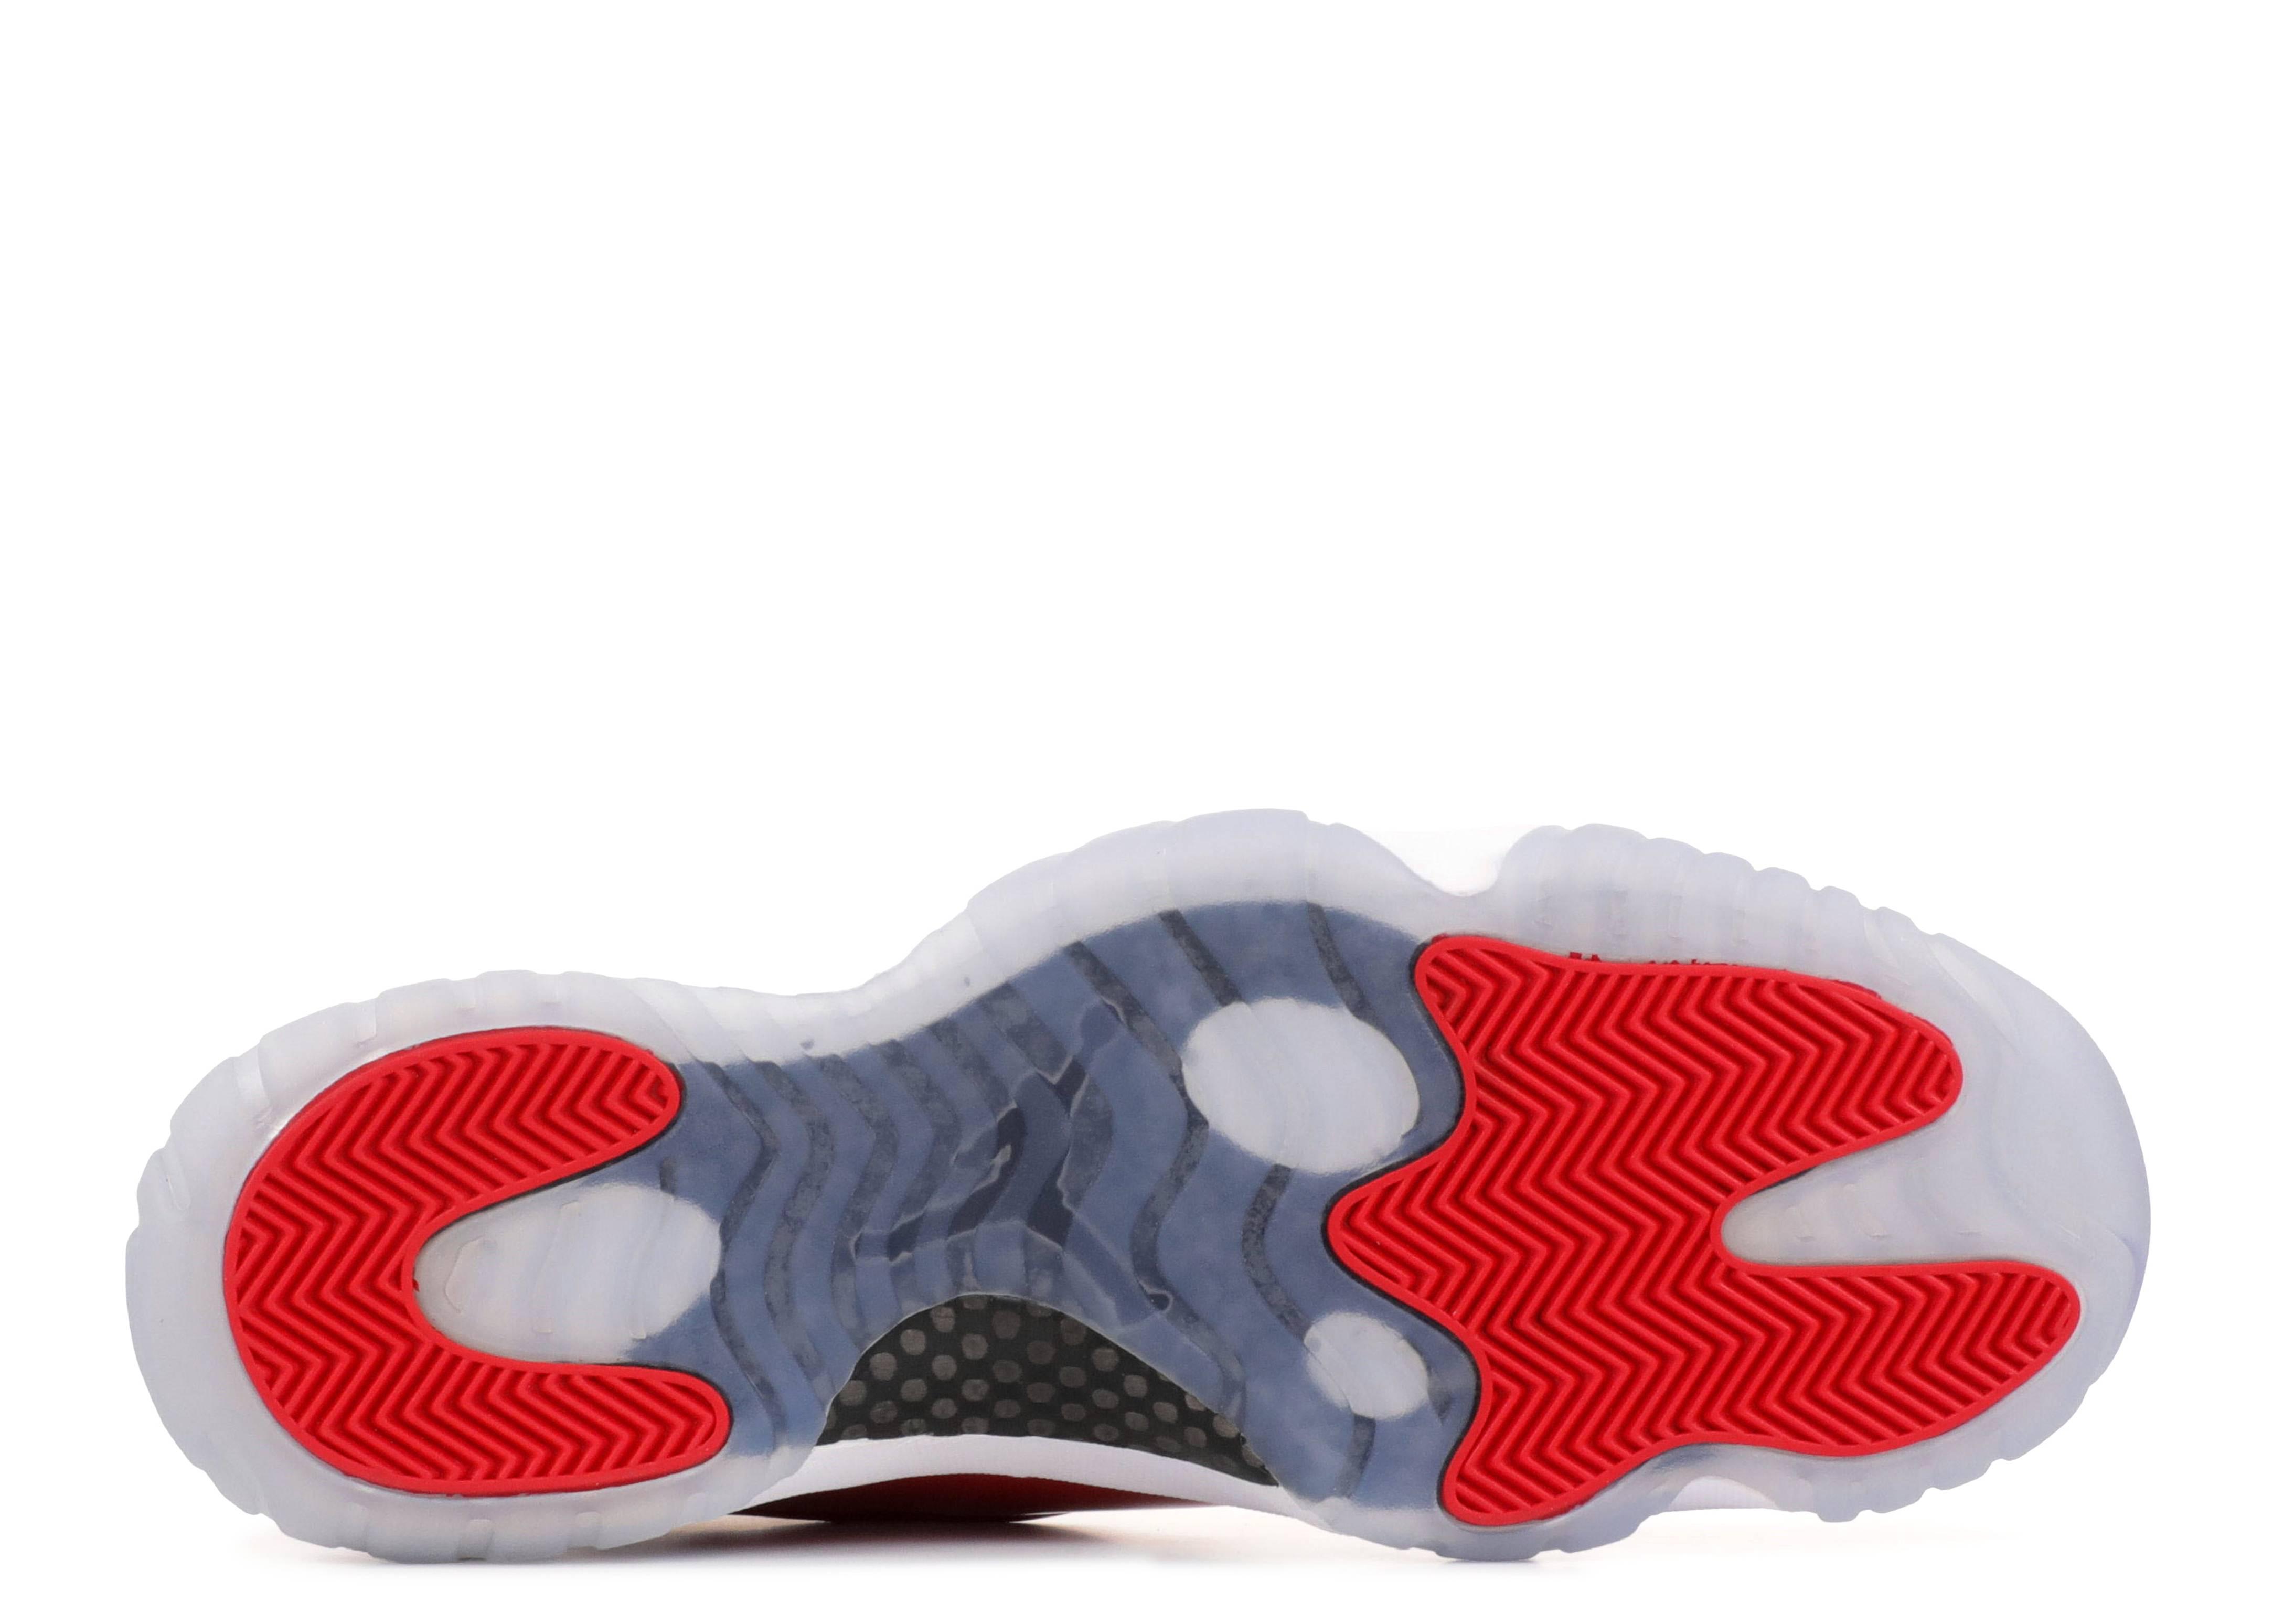 2518f21b061 Air Jordan 11 Retro